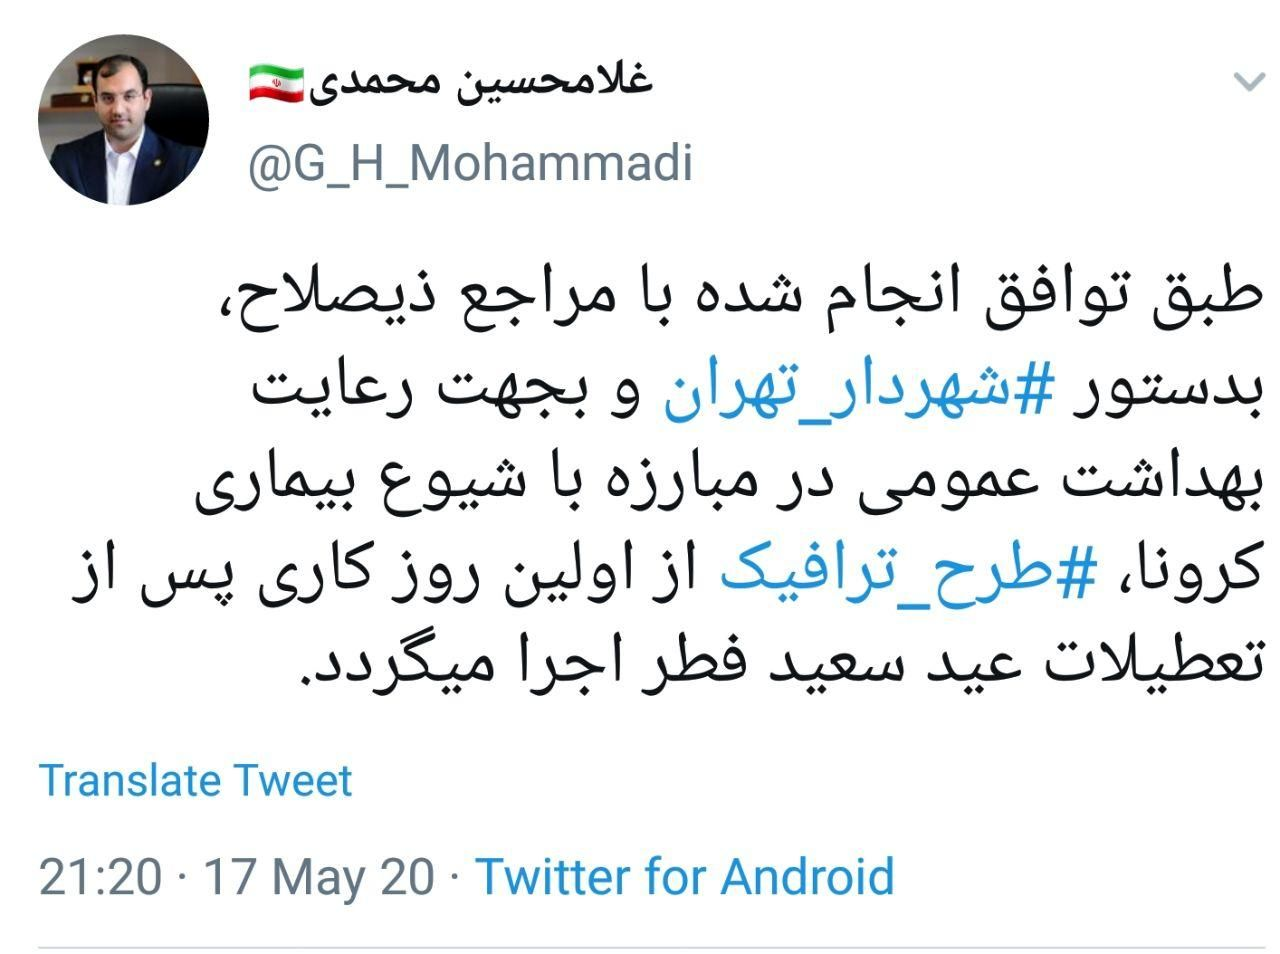 ادامه سردرگمی تهرانی ها/ شهرداری پایتخت: طرح ترافیک بعد از عید فطر اجرا می شود